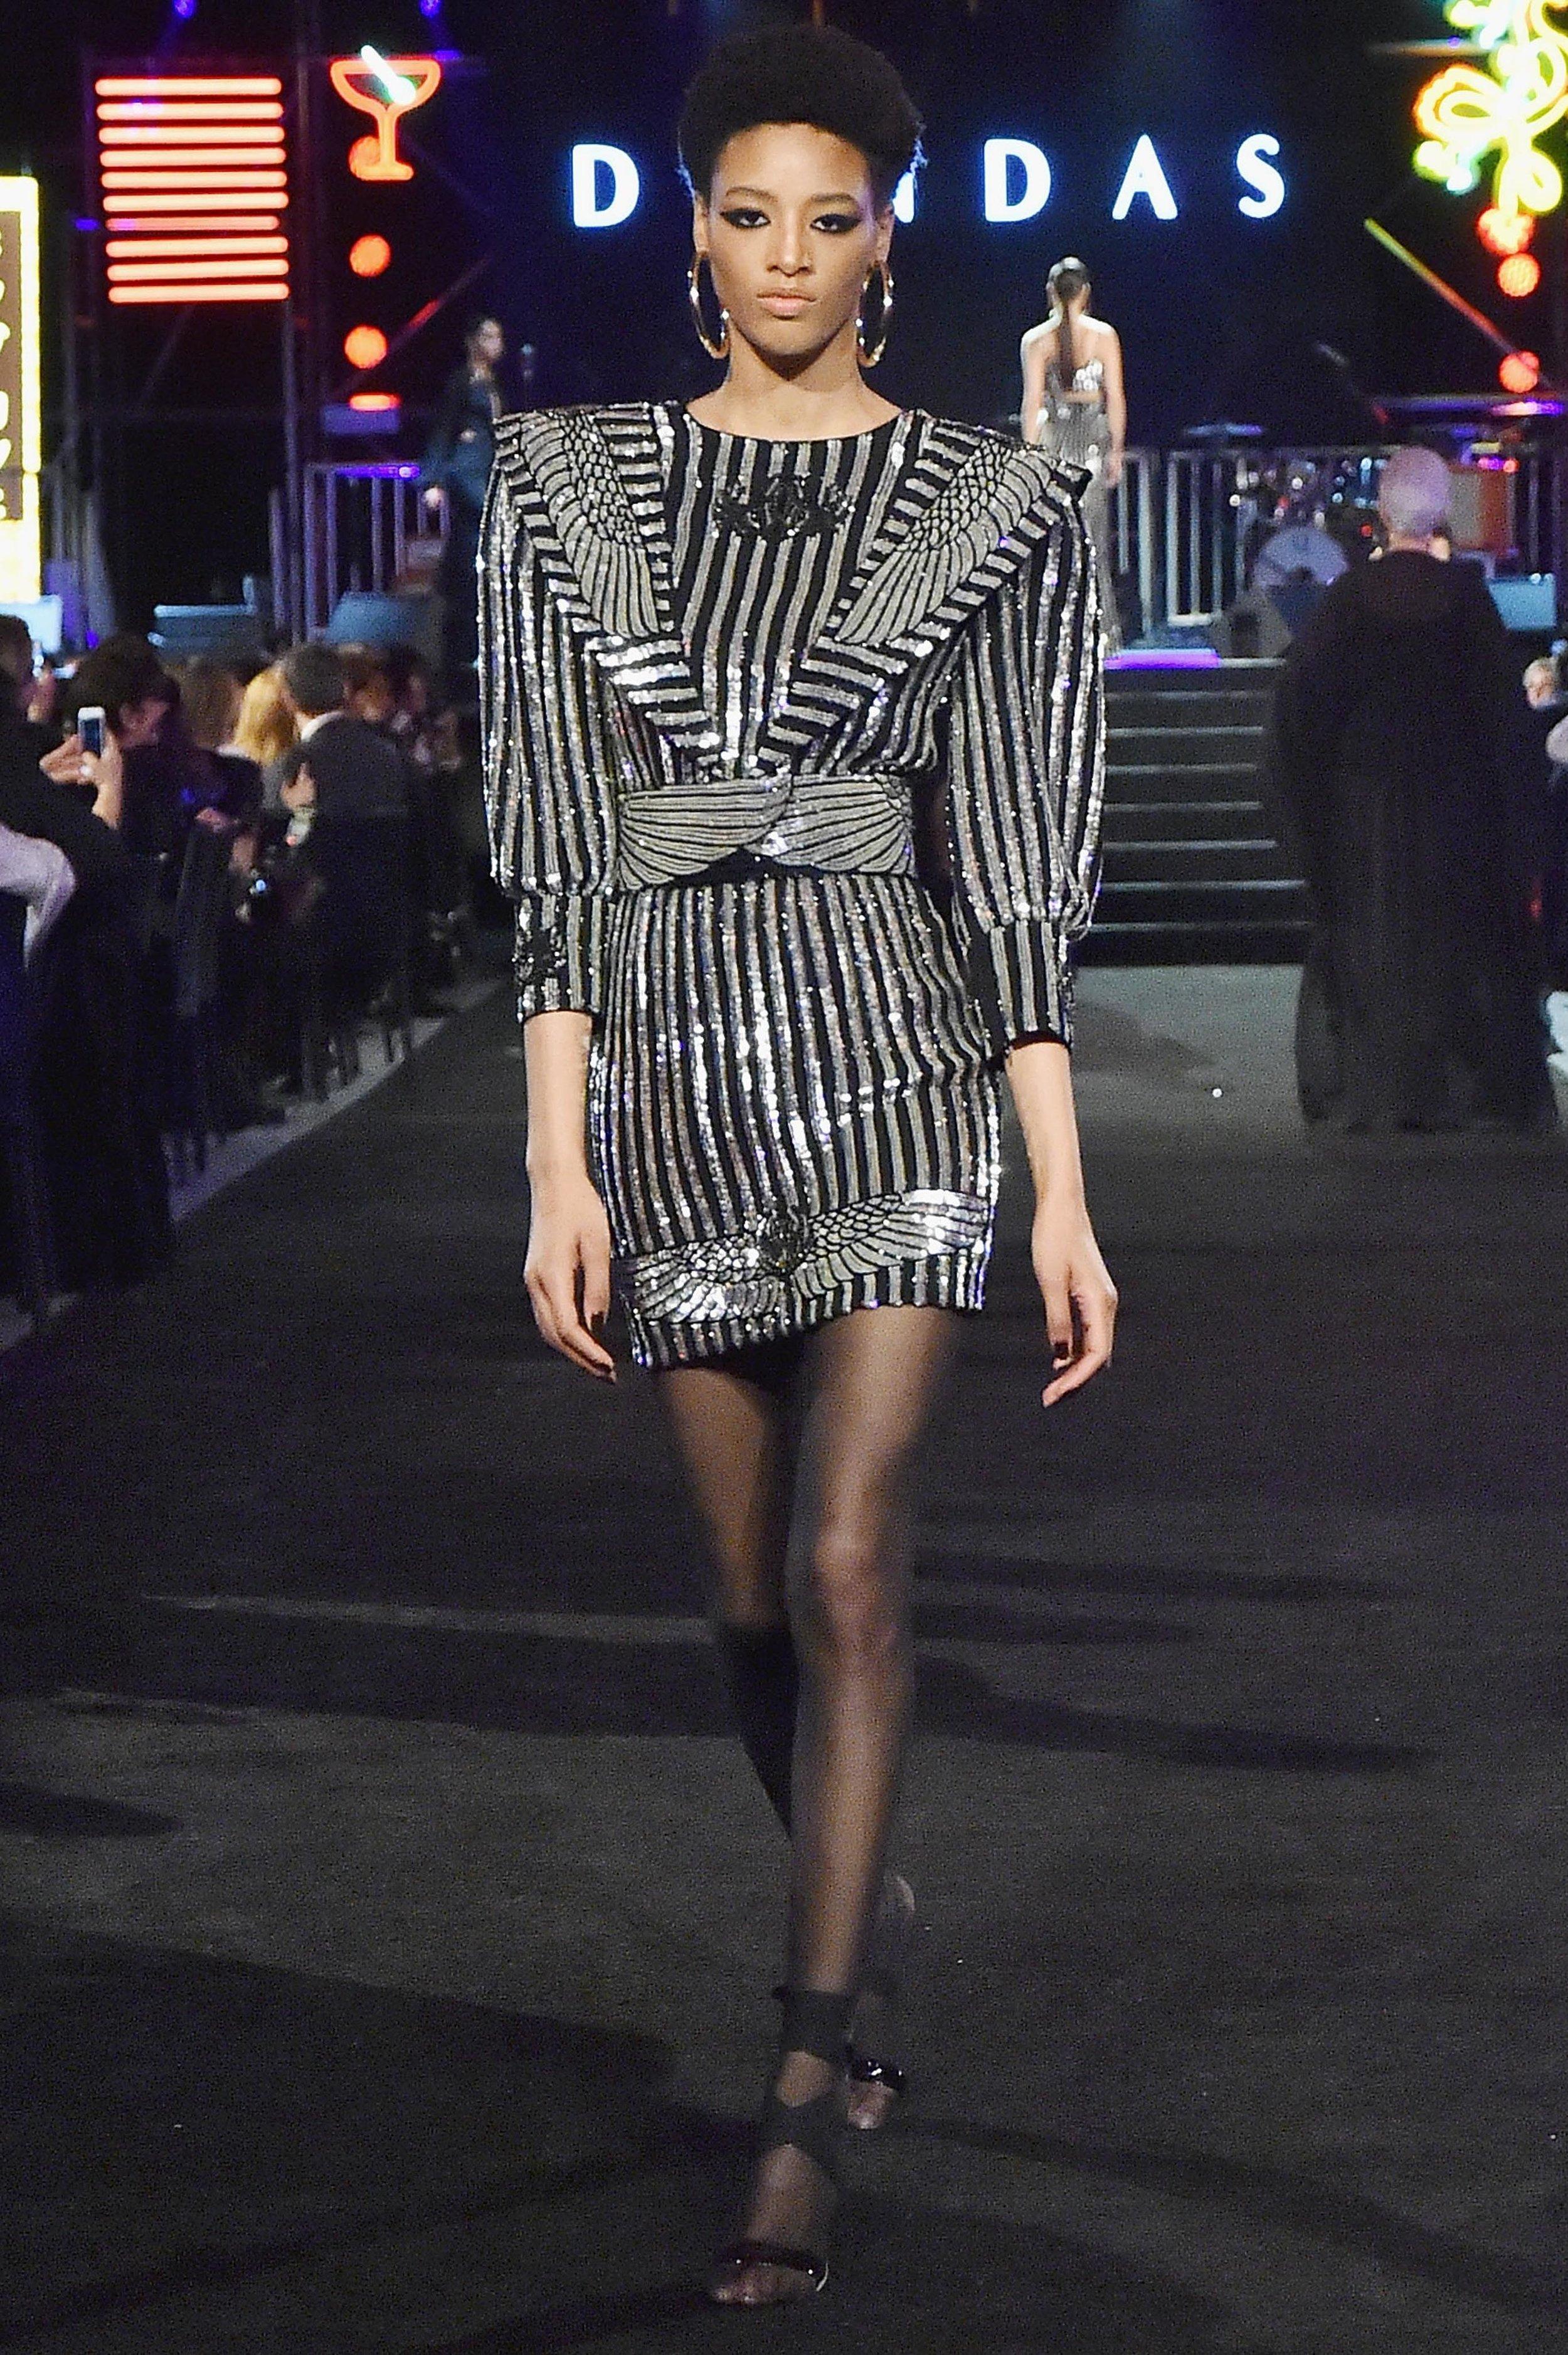 00022-Dundas-Couture-Spring-19-Getty-Dundas.jpg